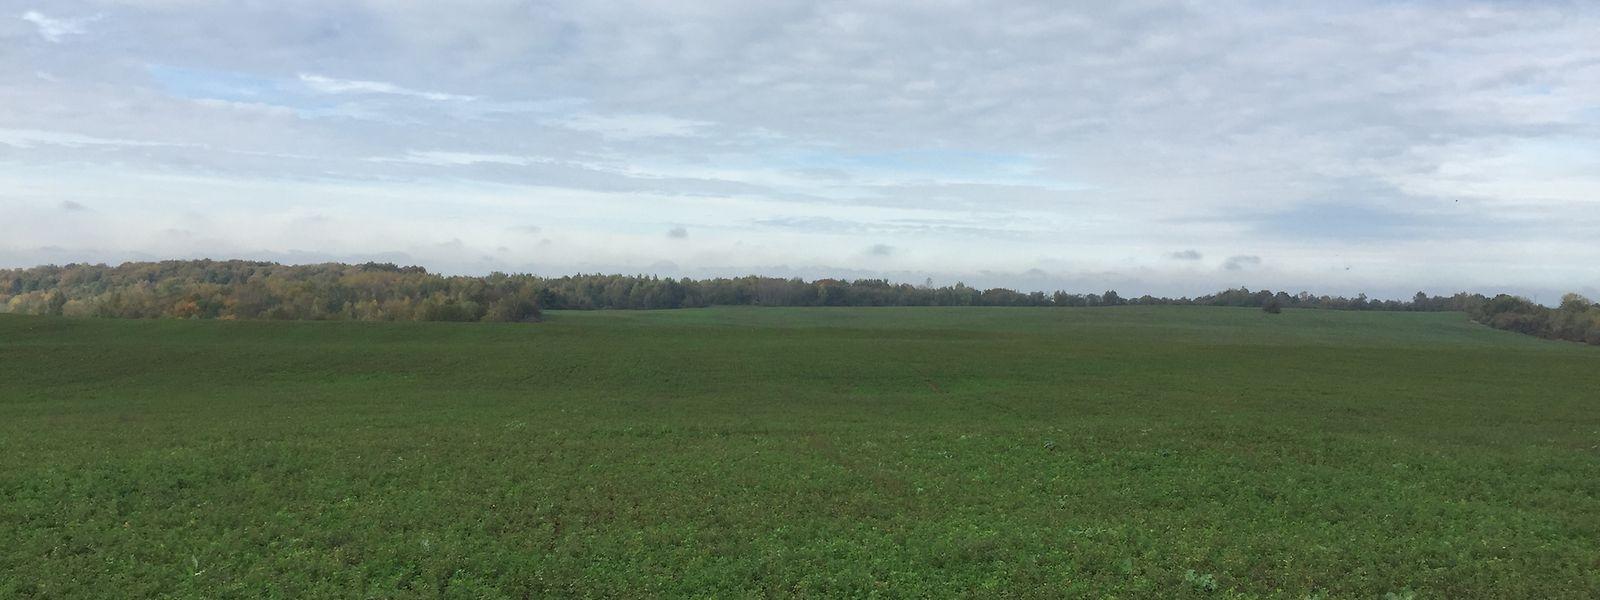 Après l'achat, le terrain reste en territoire français et sera soumis à la législation nationale.